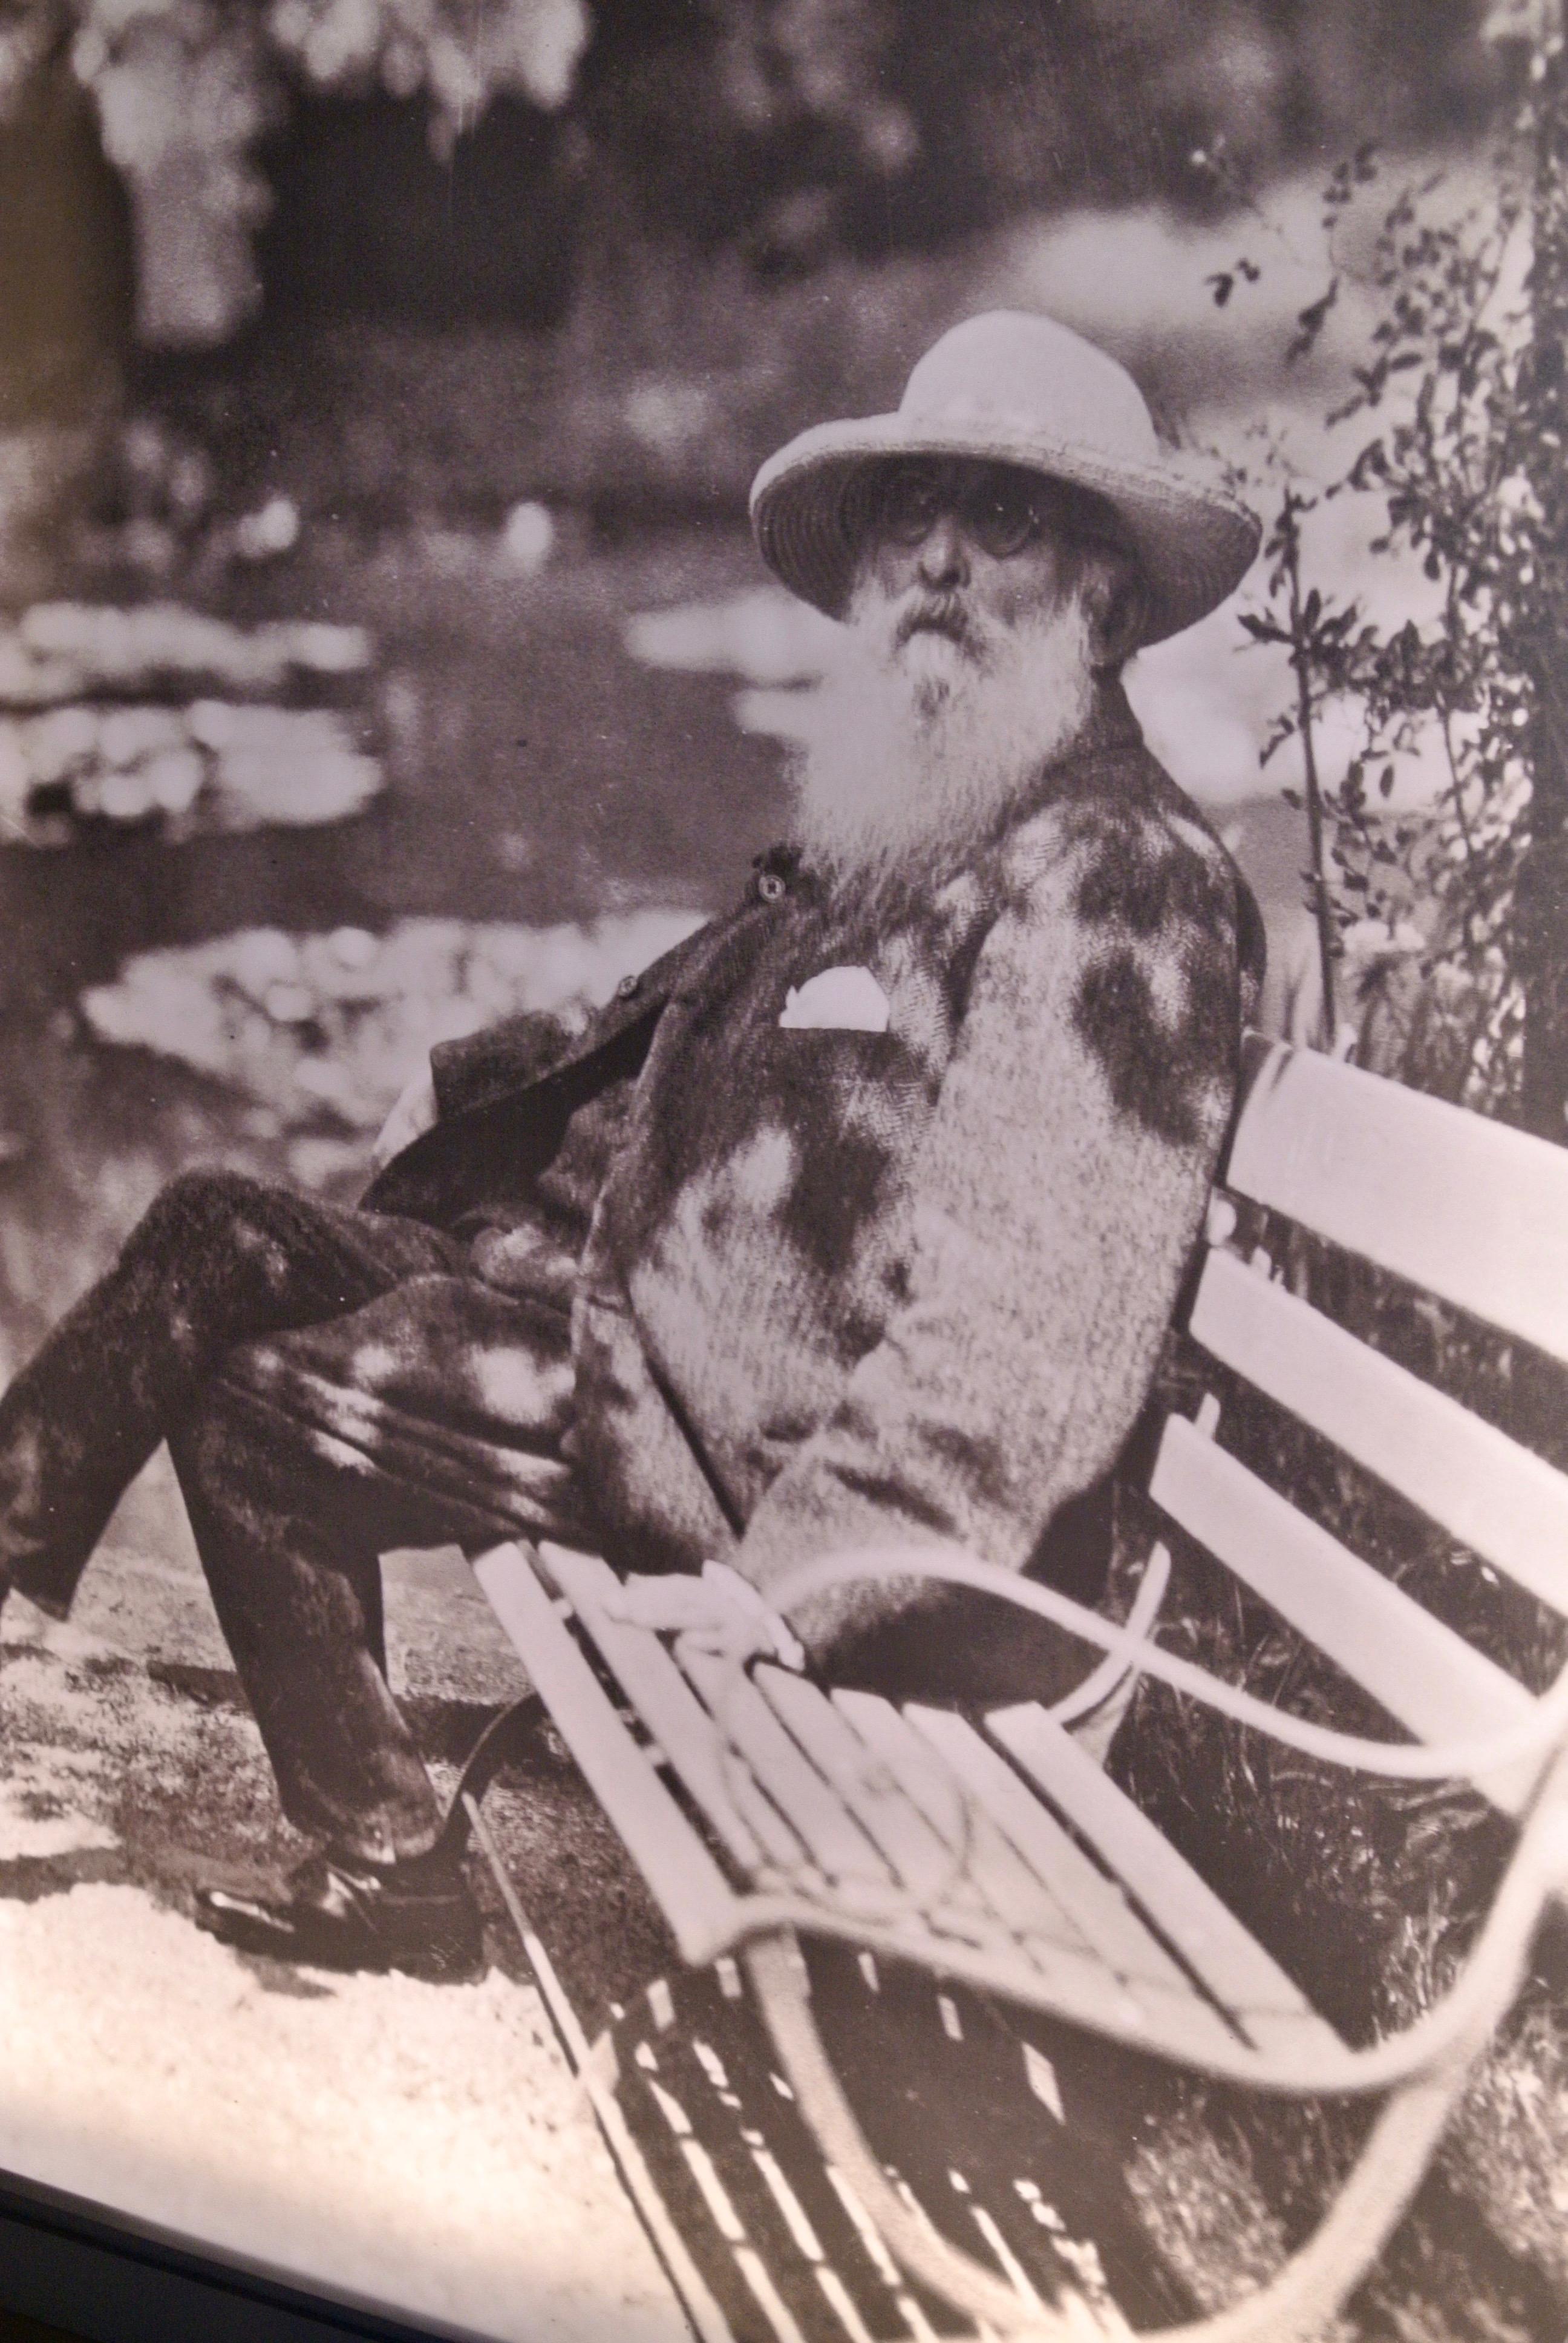 Tra la luce e i colori, l'evoluzione della pittura di Monet attraverso il suo giardino di Giverny